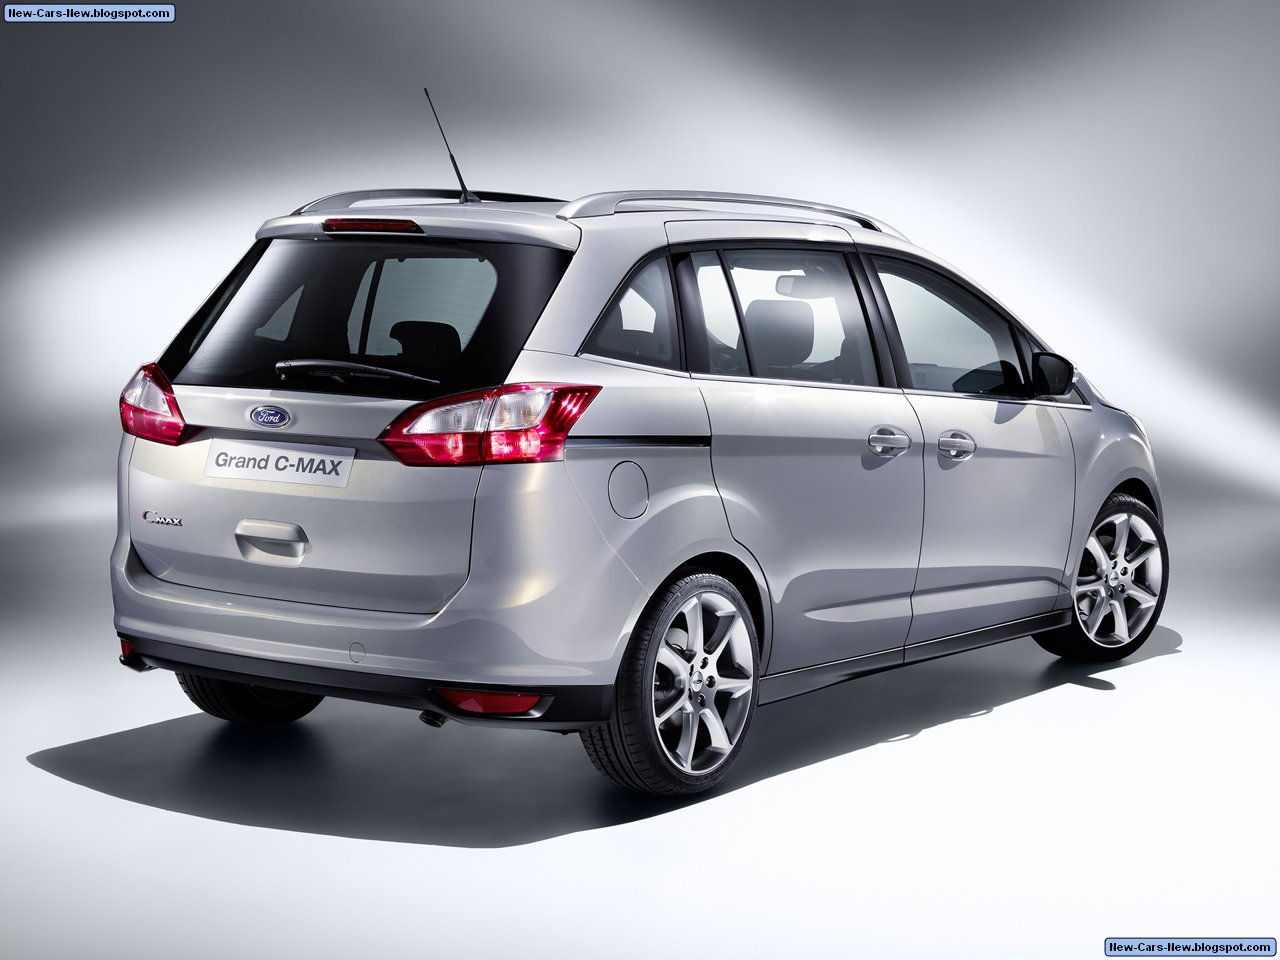 http://4.bp.blogspot.com/_U4w592tUDHM/TCBu6GAh3ZI/AAAAAAAACTg/Lnqx1LVFCLI/s1600/Ford-Grand_C-MAX_2011_1280x960_wallpaper_04.jpg